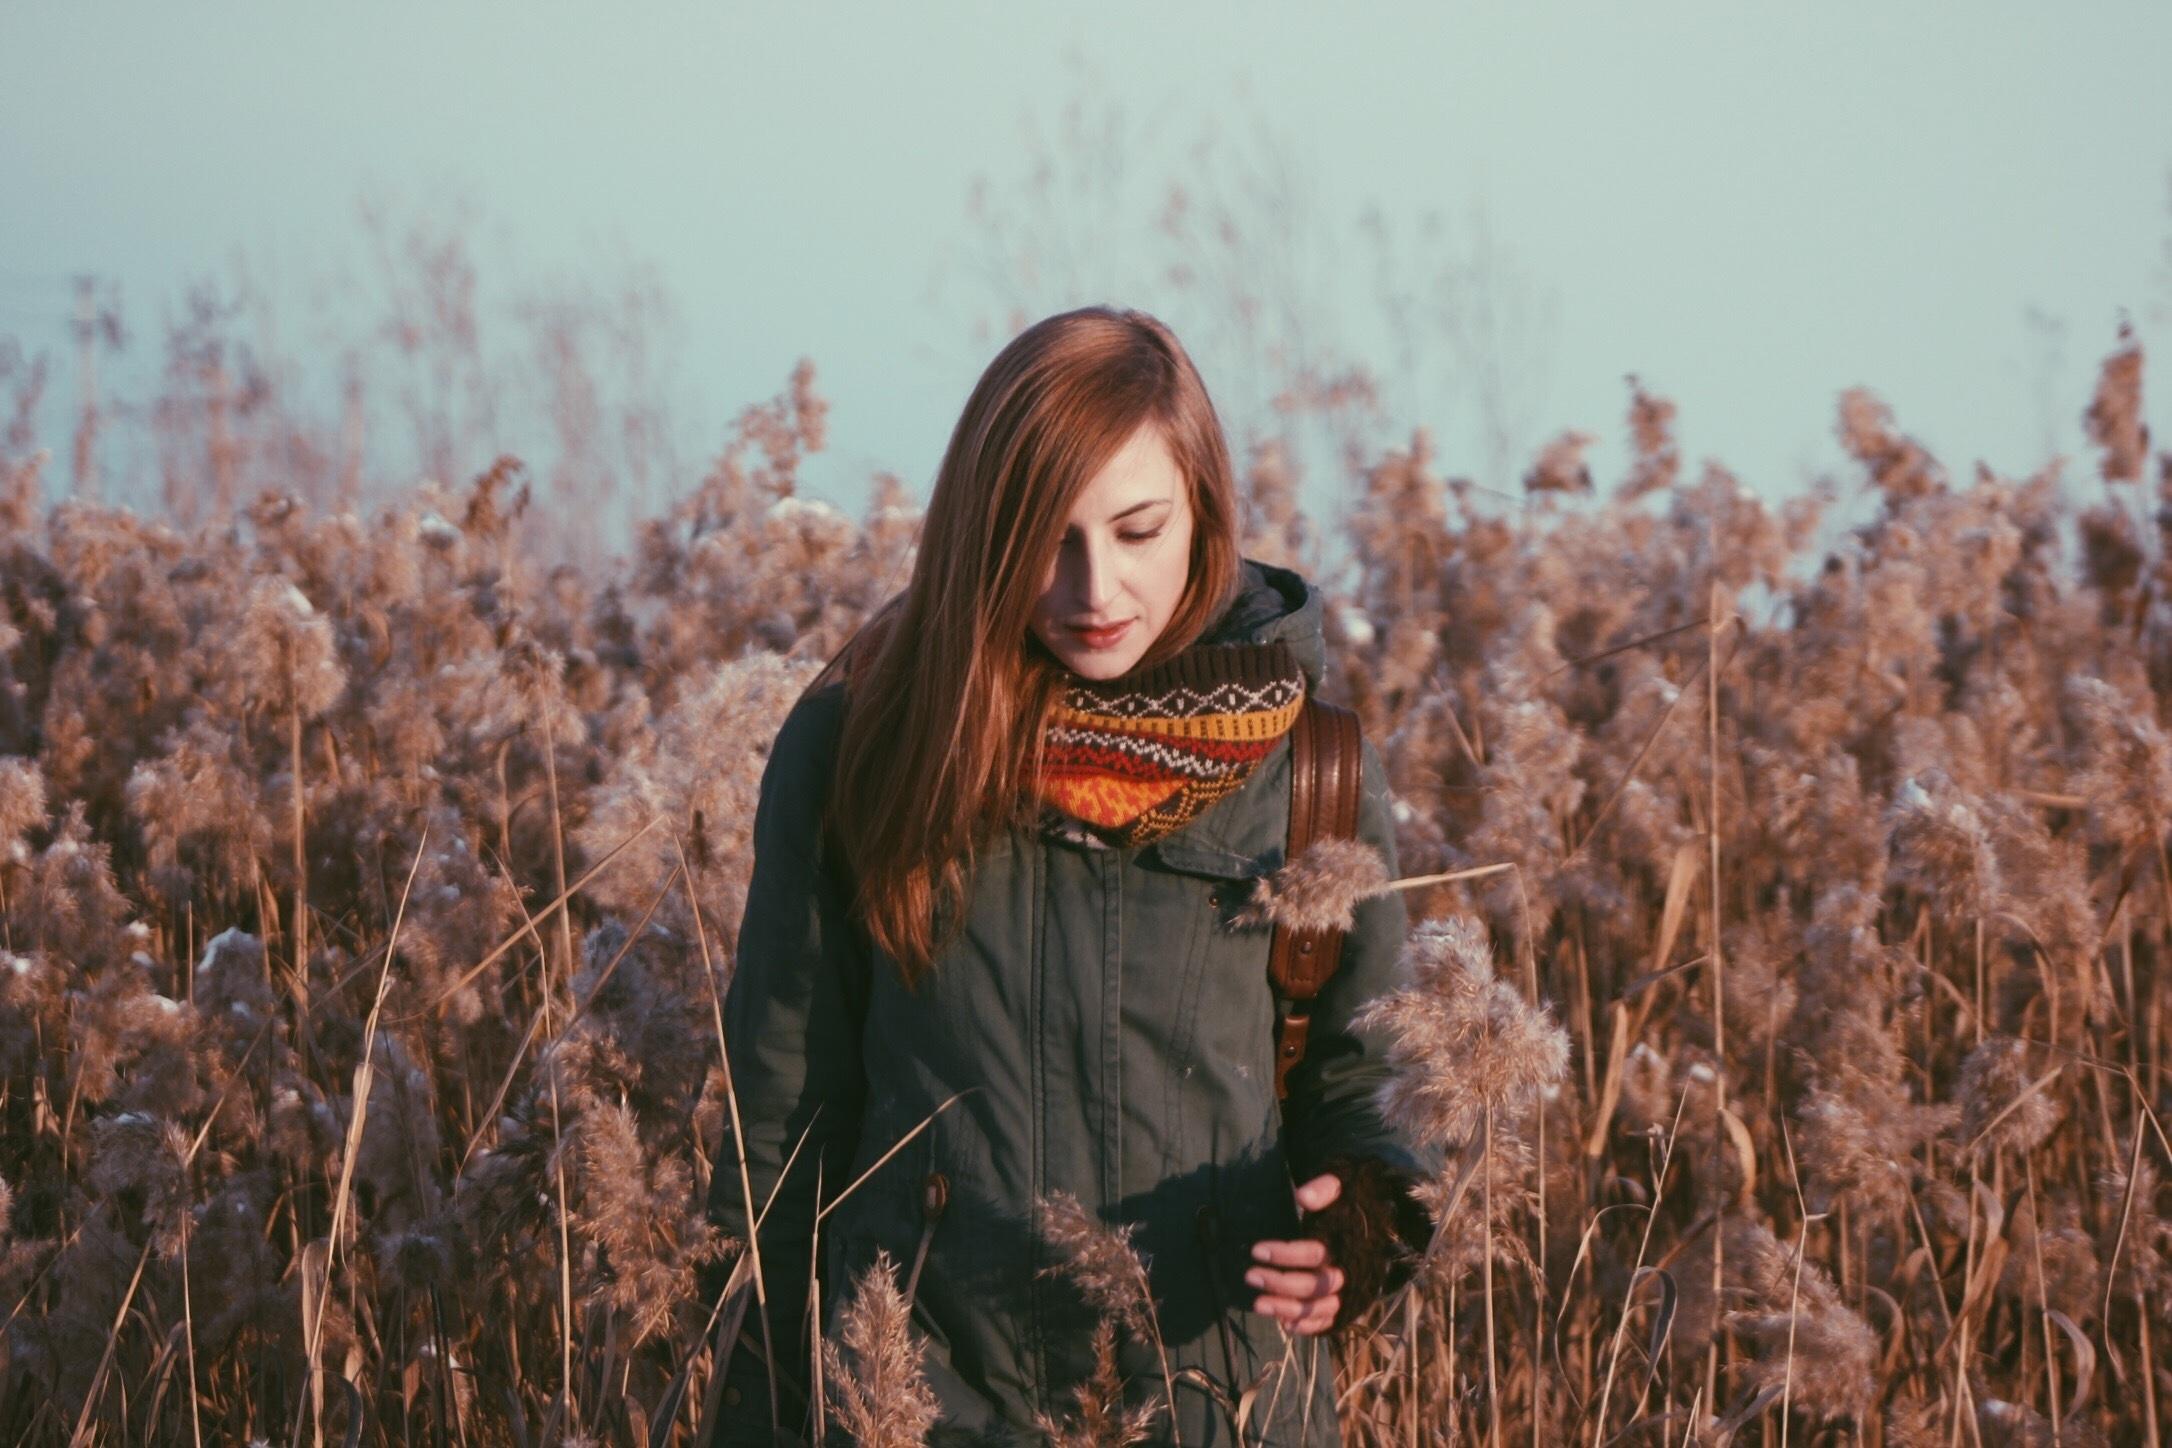 Красивые фотографии с людьми